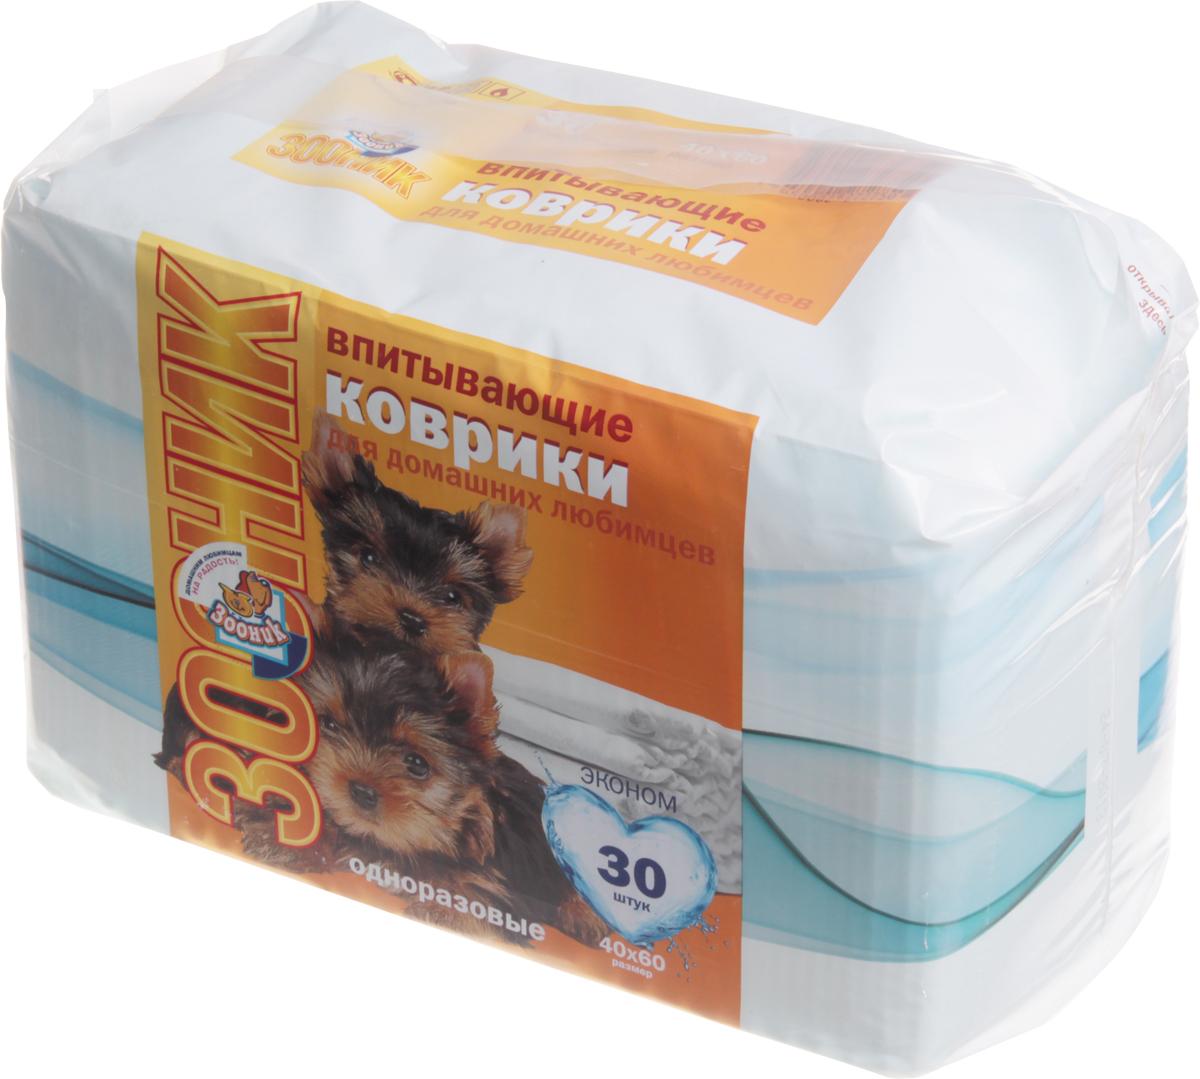 Коврики впитывающие Зооник, 40 х 60 см, 30 шт3006Коврики впитывающие Зооник предназначены для одноразового использования. Верхний слой изготовлен из мягкого нетканого гипоаллергенного материала, который отлично впитывает и удерживает влагу и поглощает запах. Коврики могут использоваться как для туалетных лотков, так и при транспортировке в переноске или автомобиле. Количество: 30 шт.